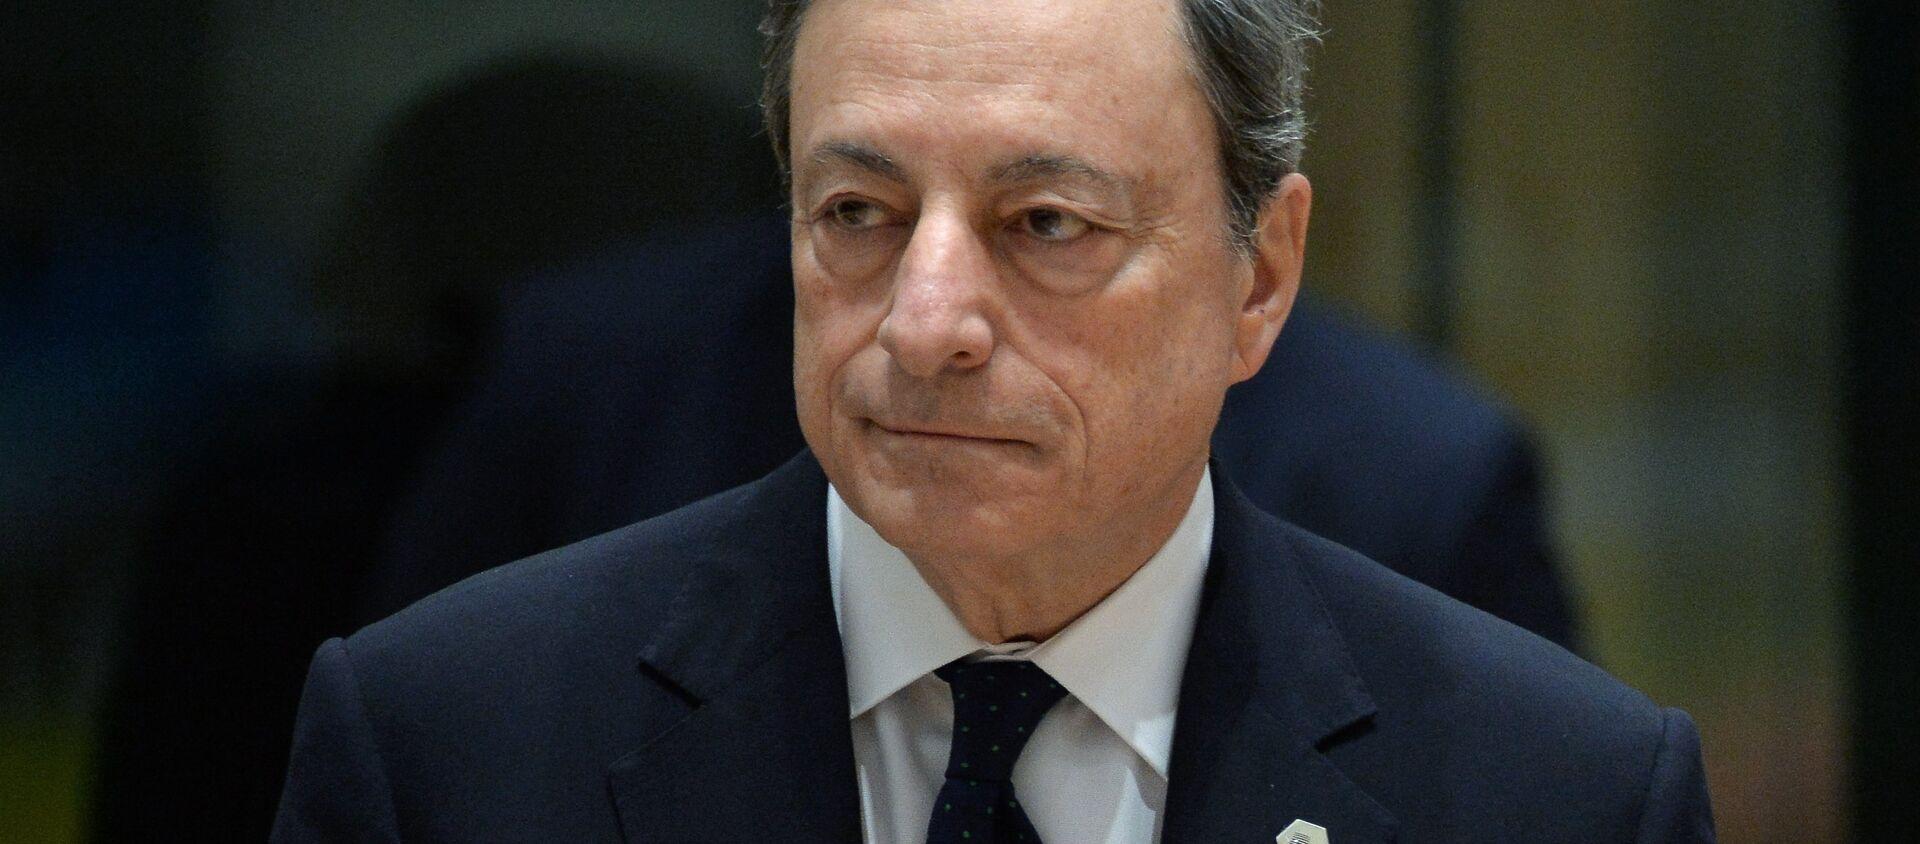 Presidente della Bce Mario Draghi - Sputnik Italia, 1920, 18.08.2020